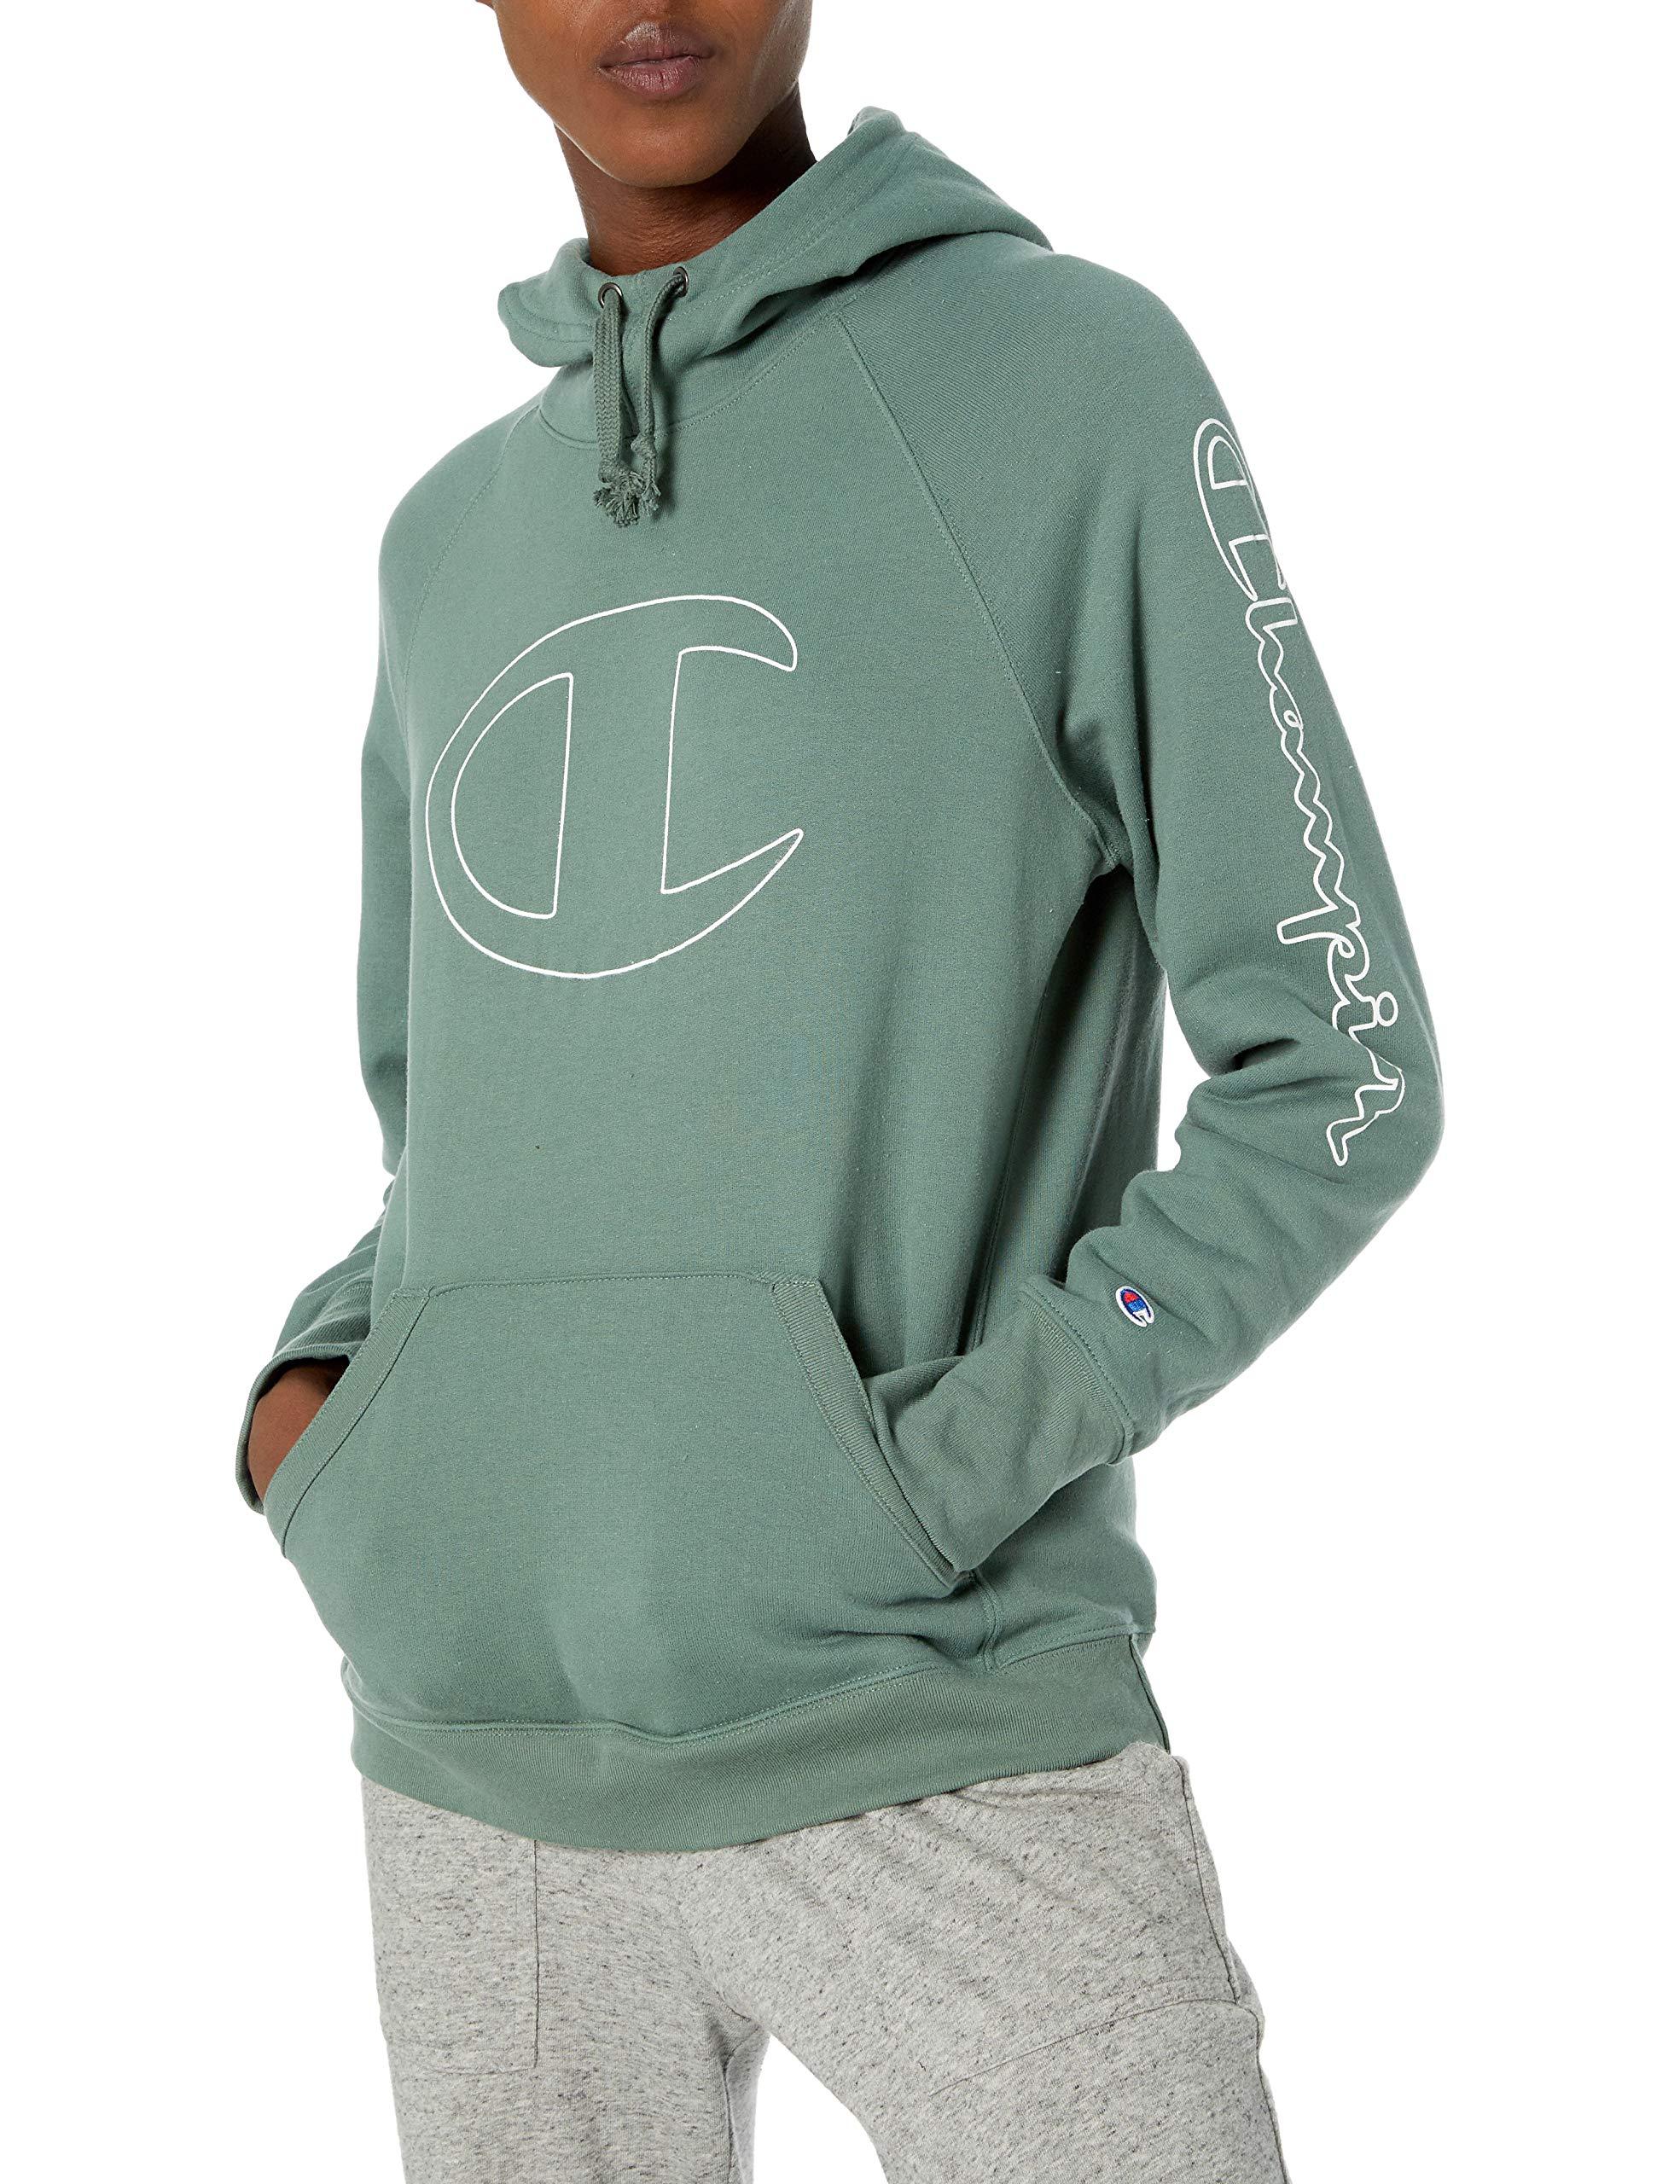 Champion Women's Fleece Pullover Hoodie, Nurture Green, XX-Large by Champion